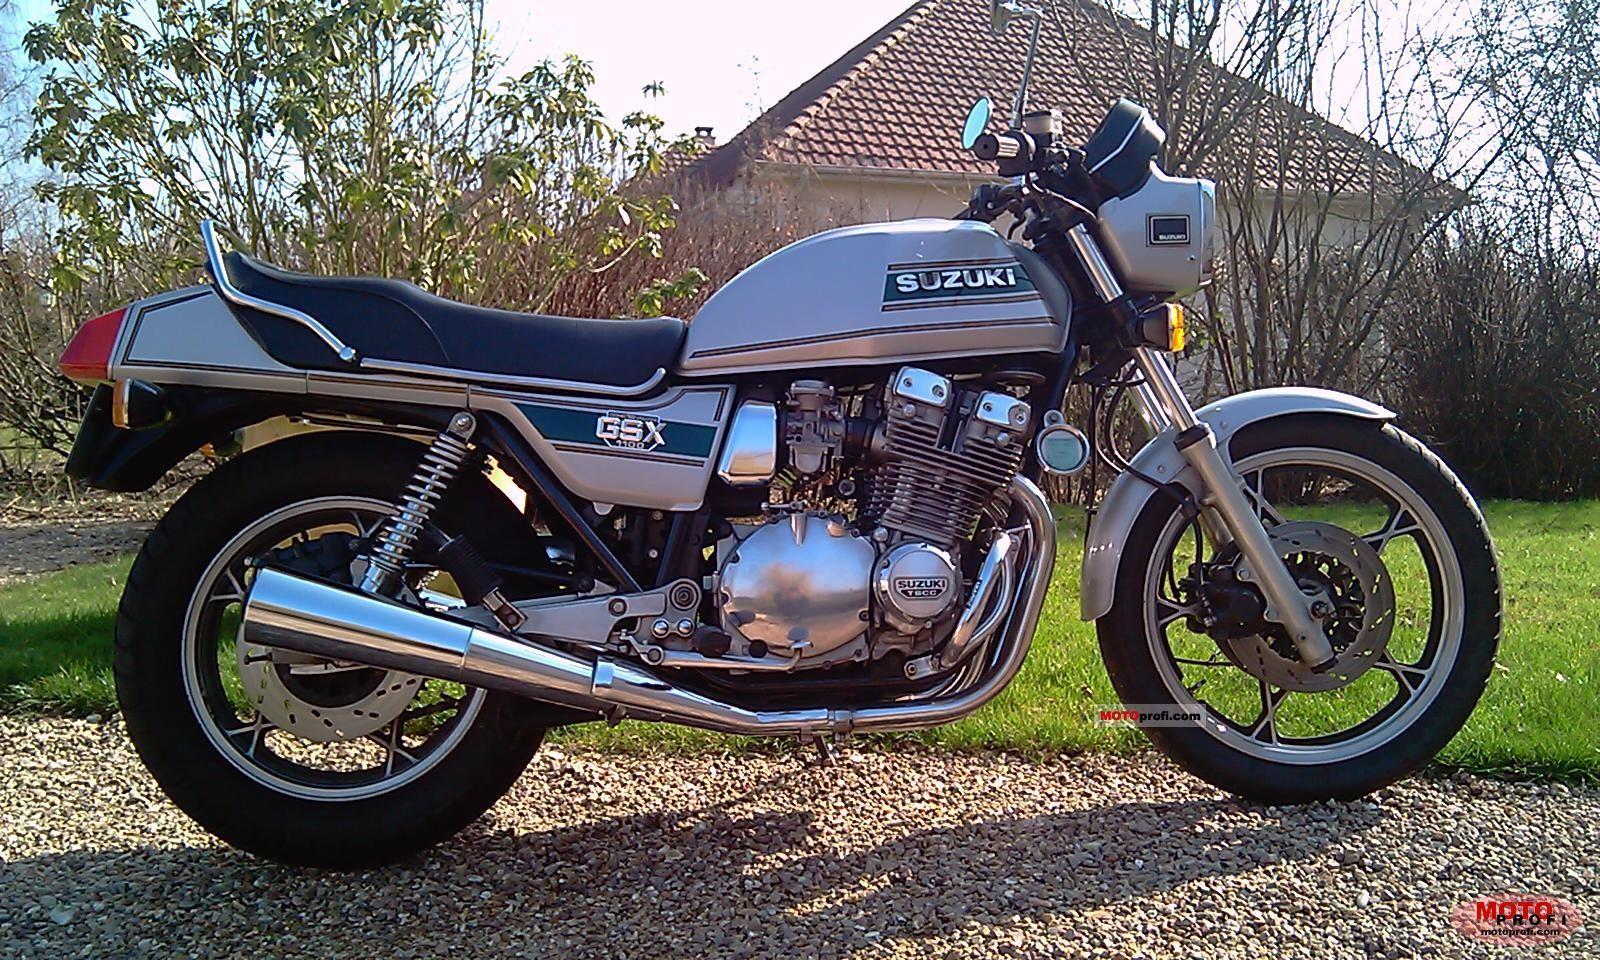 1980 suzuki gsx 1100 | 2-wheeler world | pinterest | suzuki gsx